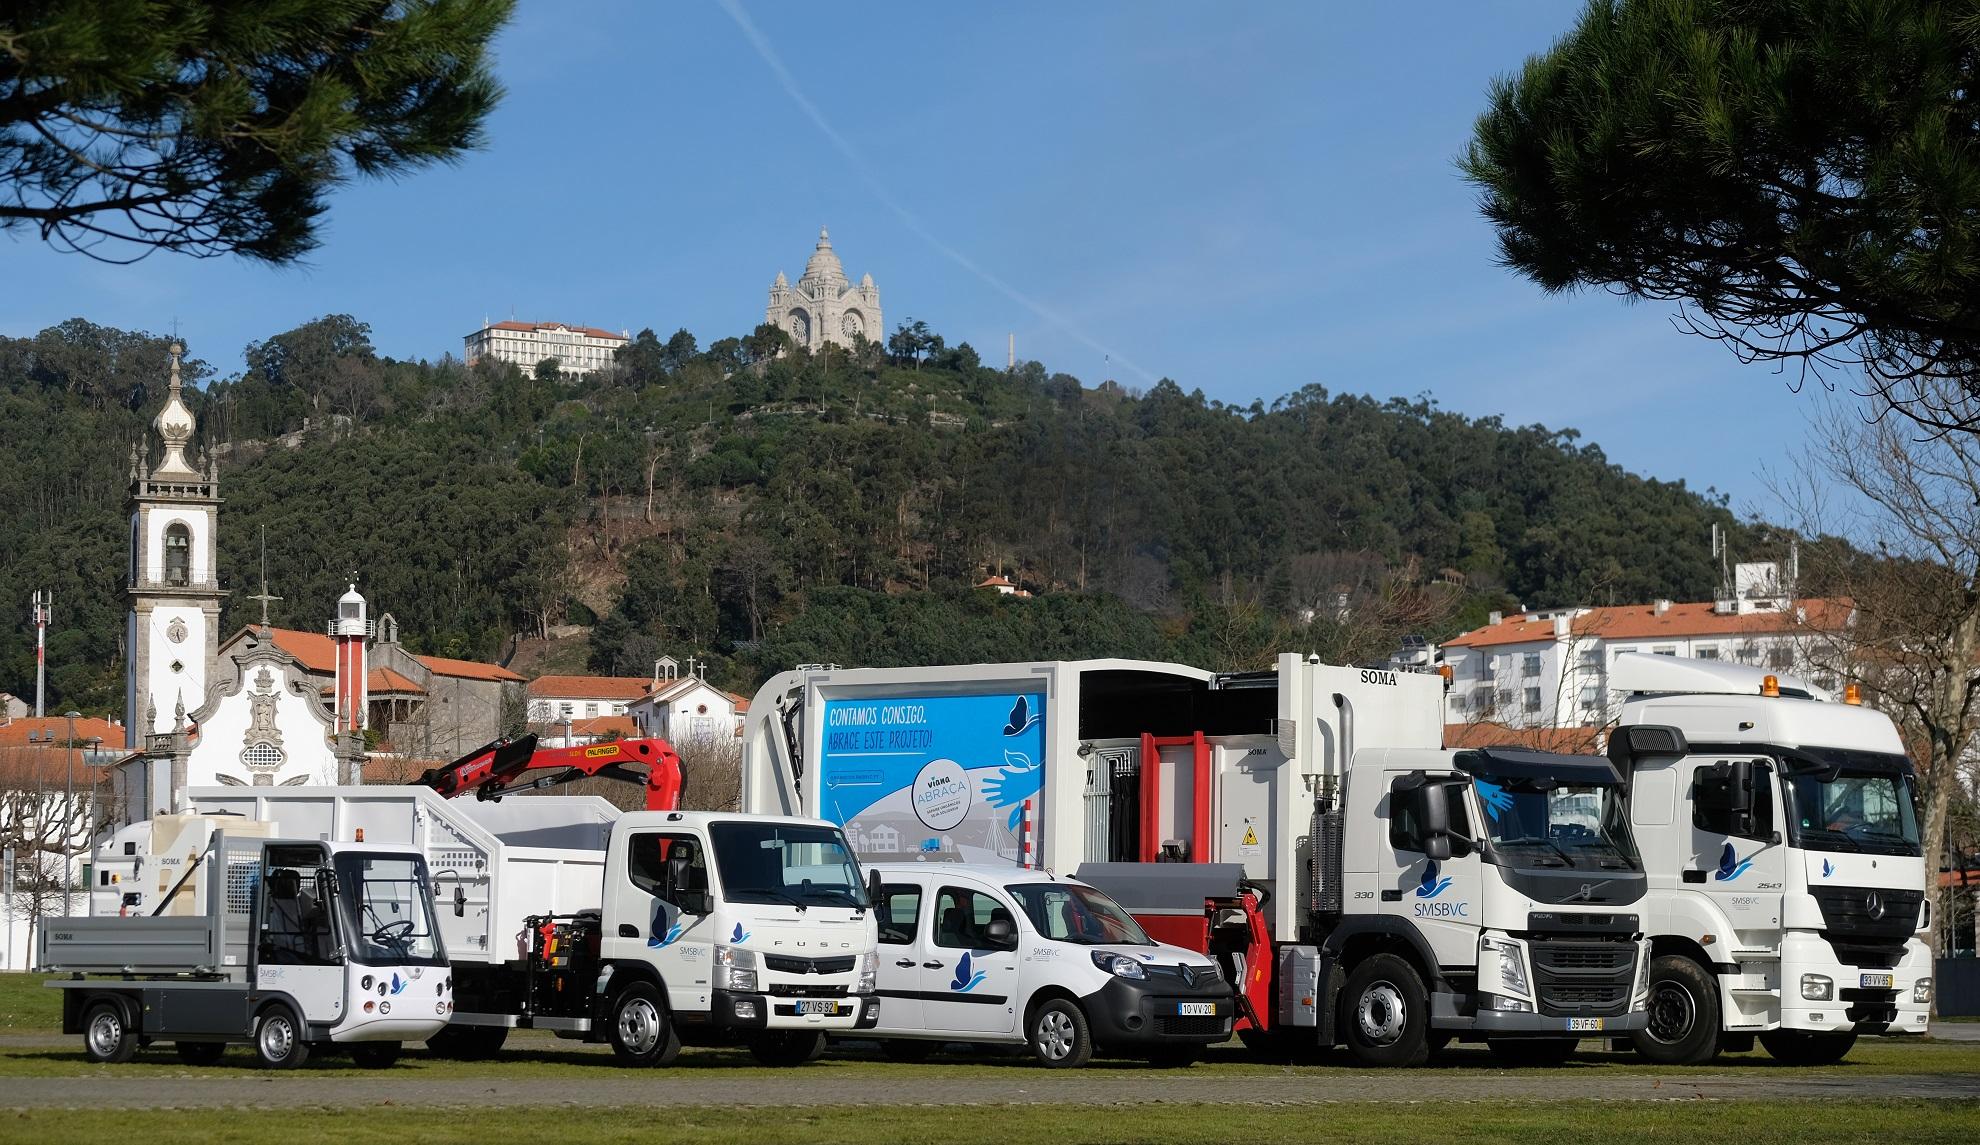 Recolha e valorização de resíduos reforçadas com equipamentos orçados em mais de 400 mil euros